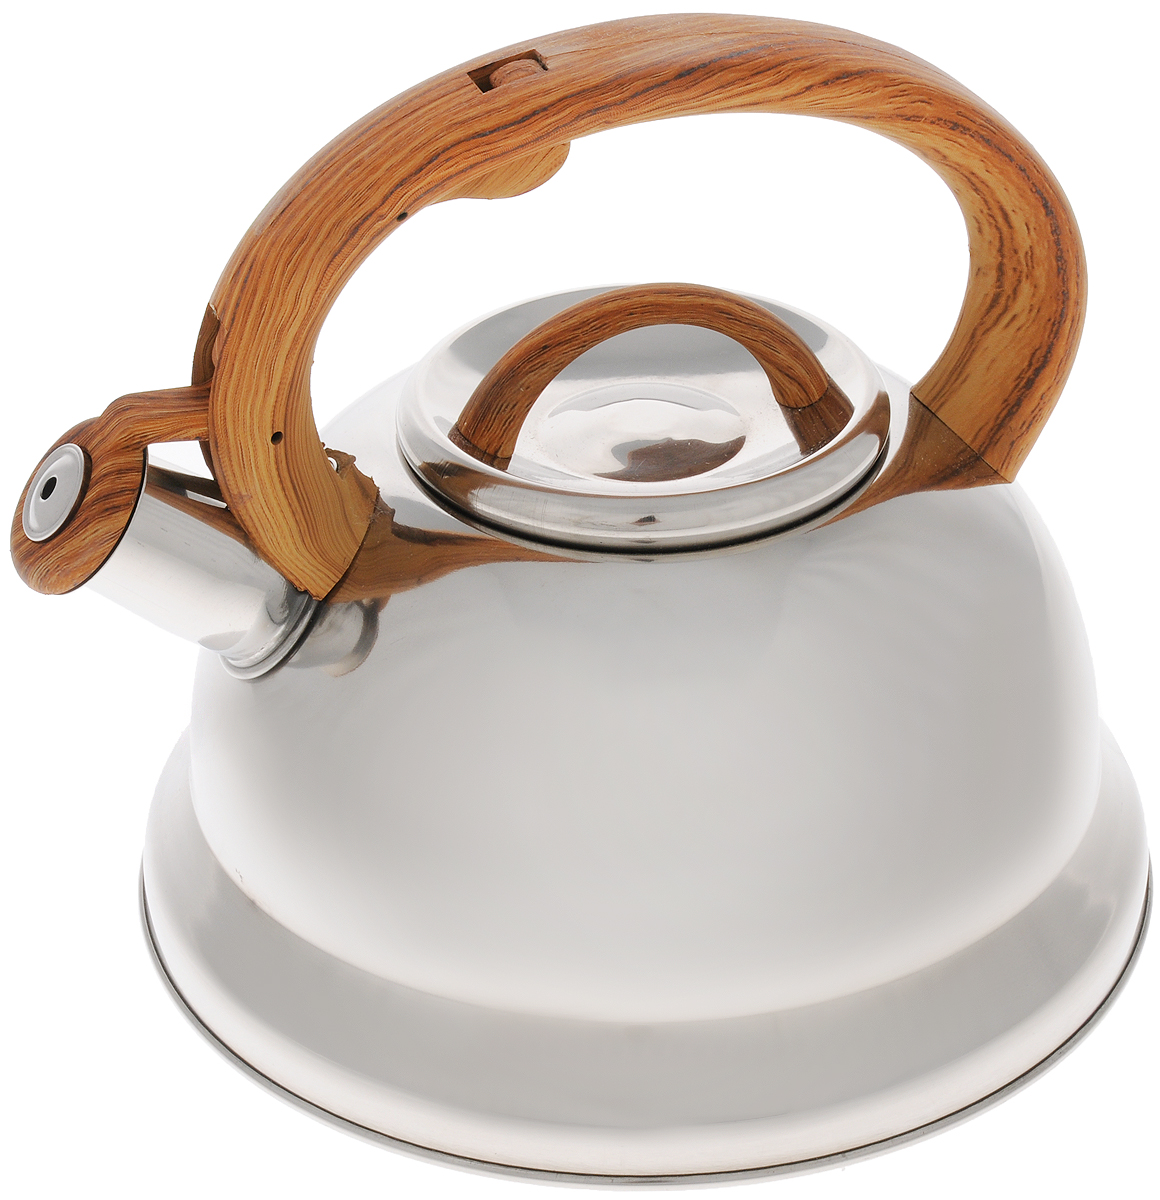 Чайник Mayer & Boch, со свистком, цвет: серебристый, коричневый, 3 л. 2574525745Чайник Mayer & Boch выполнен из долговечной и прочной нержавеющей стали, что делает его весьма гигиеничным и устойчивым к износу при длительном использовании. Гладкая и ровная поверхность существенно облегчает уход за посудой. Выполненный из качественных материалов чайник при кипячении сохраняет все полезные свойства воды. Изделие оснащено свистком, благодаря которому вы можете не беспокоиться о том, что закипевшая вода зальет плиту. Как только вода закипит - свисток оповестит вас об этом. Фиксированная ручка, изготовленная из пластика, делает использование чайника очень удобным и безопасным и отлично впишется в интерьер любой кухни.Подходит для всех типов плит, кроме индукционных. Можно мыть в посудомоечной машине..Высота чайника (с учетом ручки и крышки): 20 см. Диаметр основания: 22 см.Диаметр (по верхнему краю): 10 см.